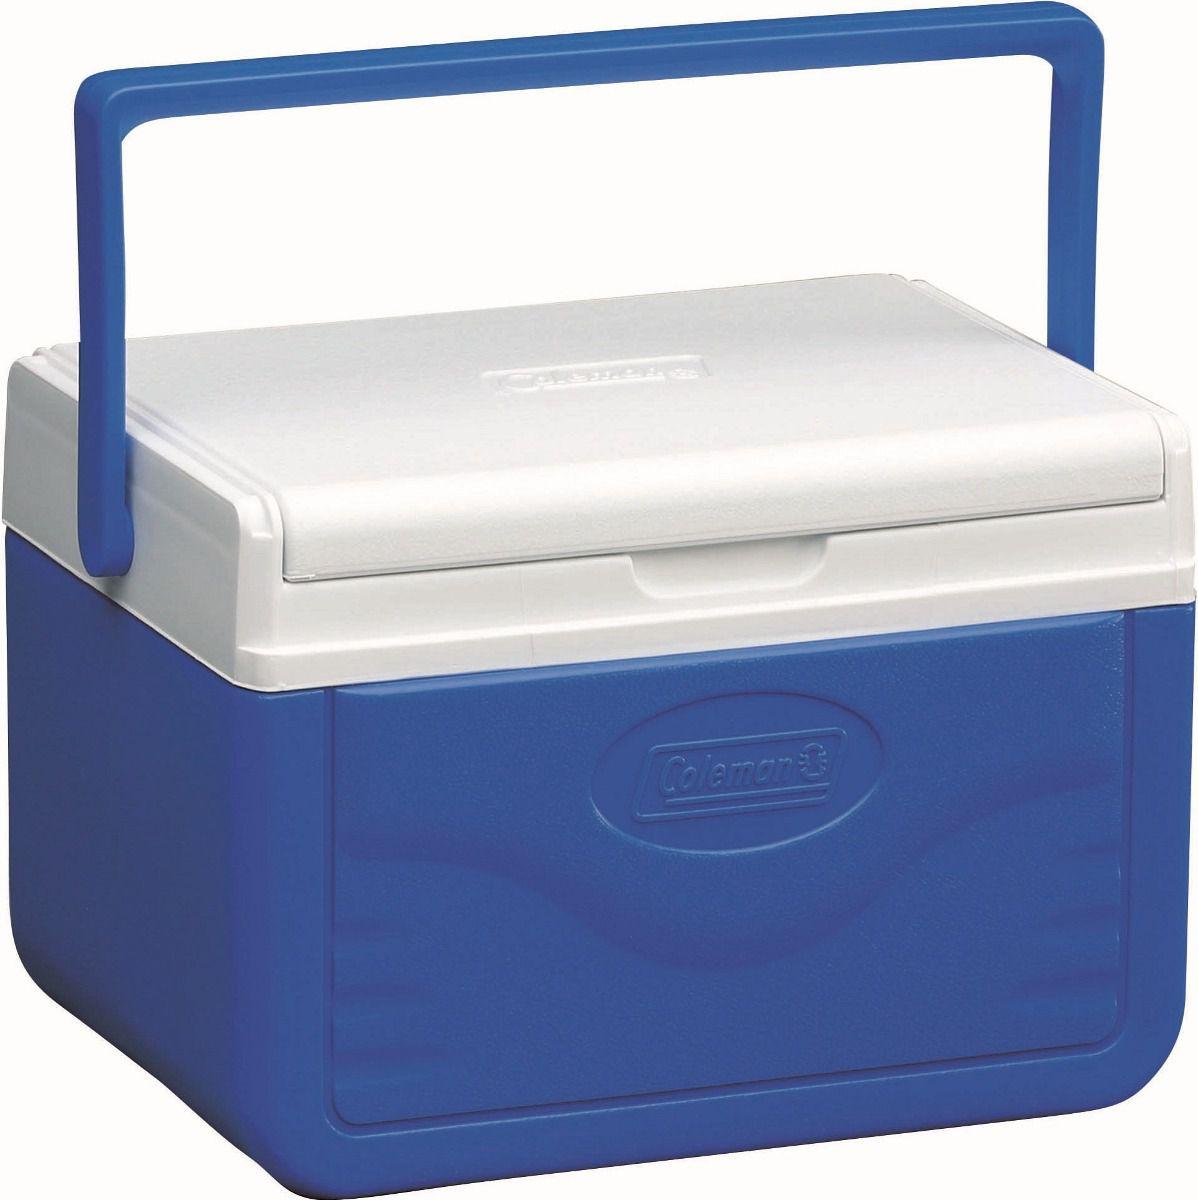 Caixa Térmica Cooler Coleman 05 Qt 4,7 Litros - Azul